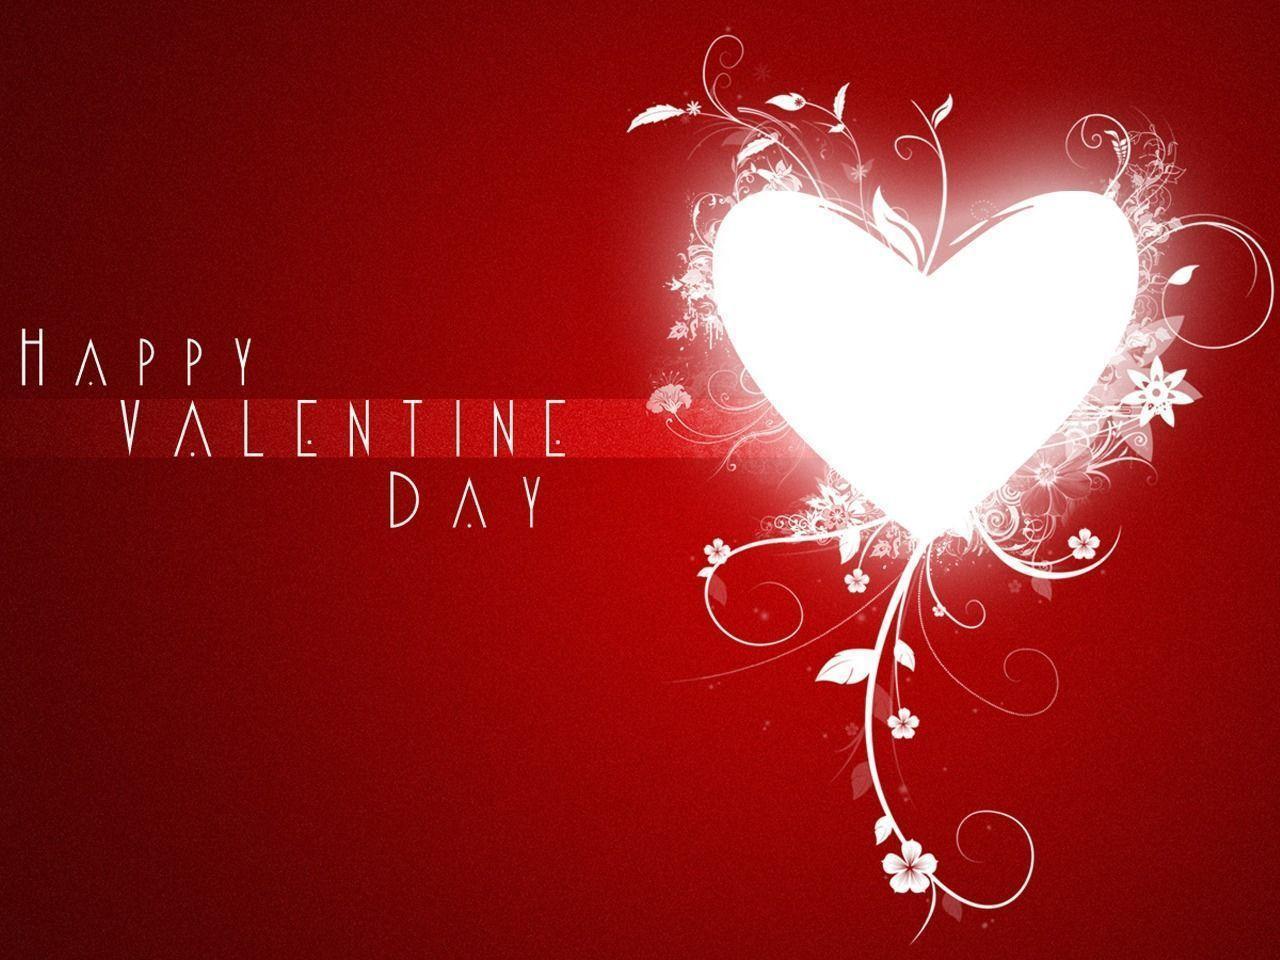 Valentine's Day on Pinterest | 30 Pins